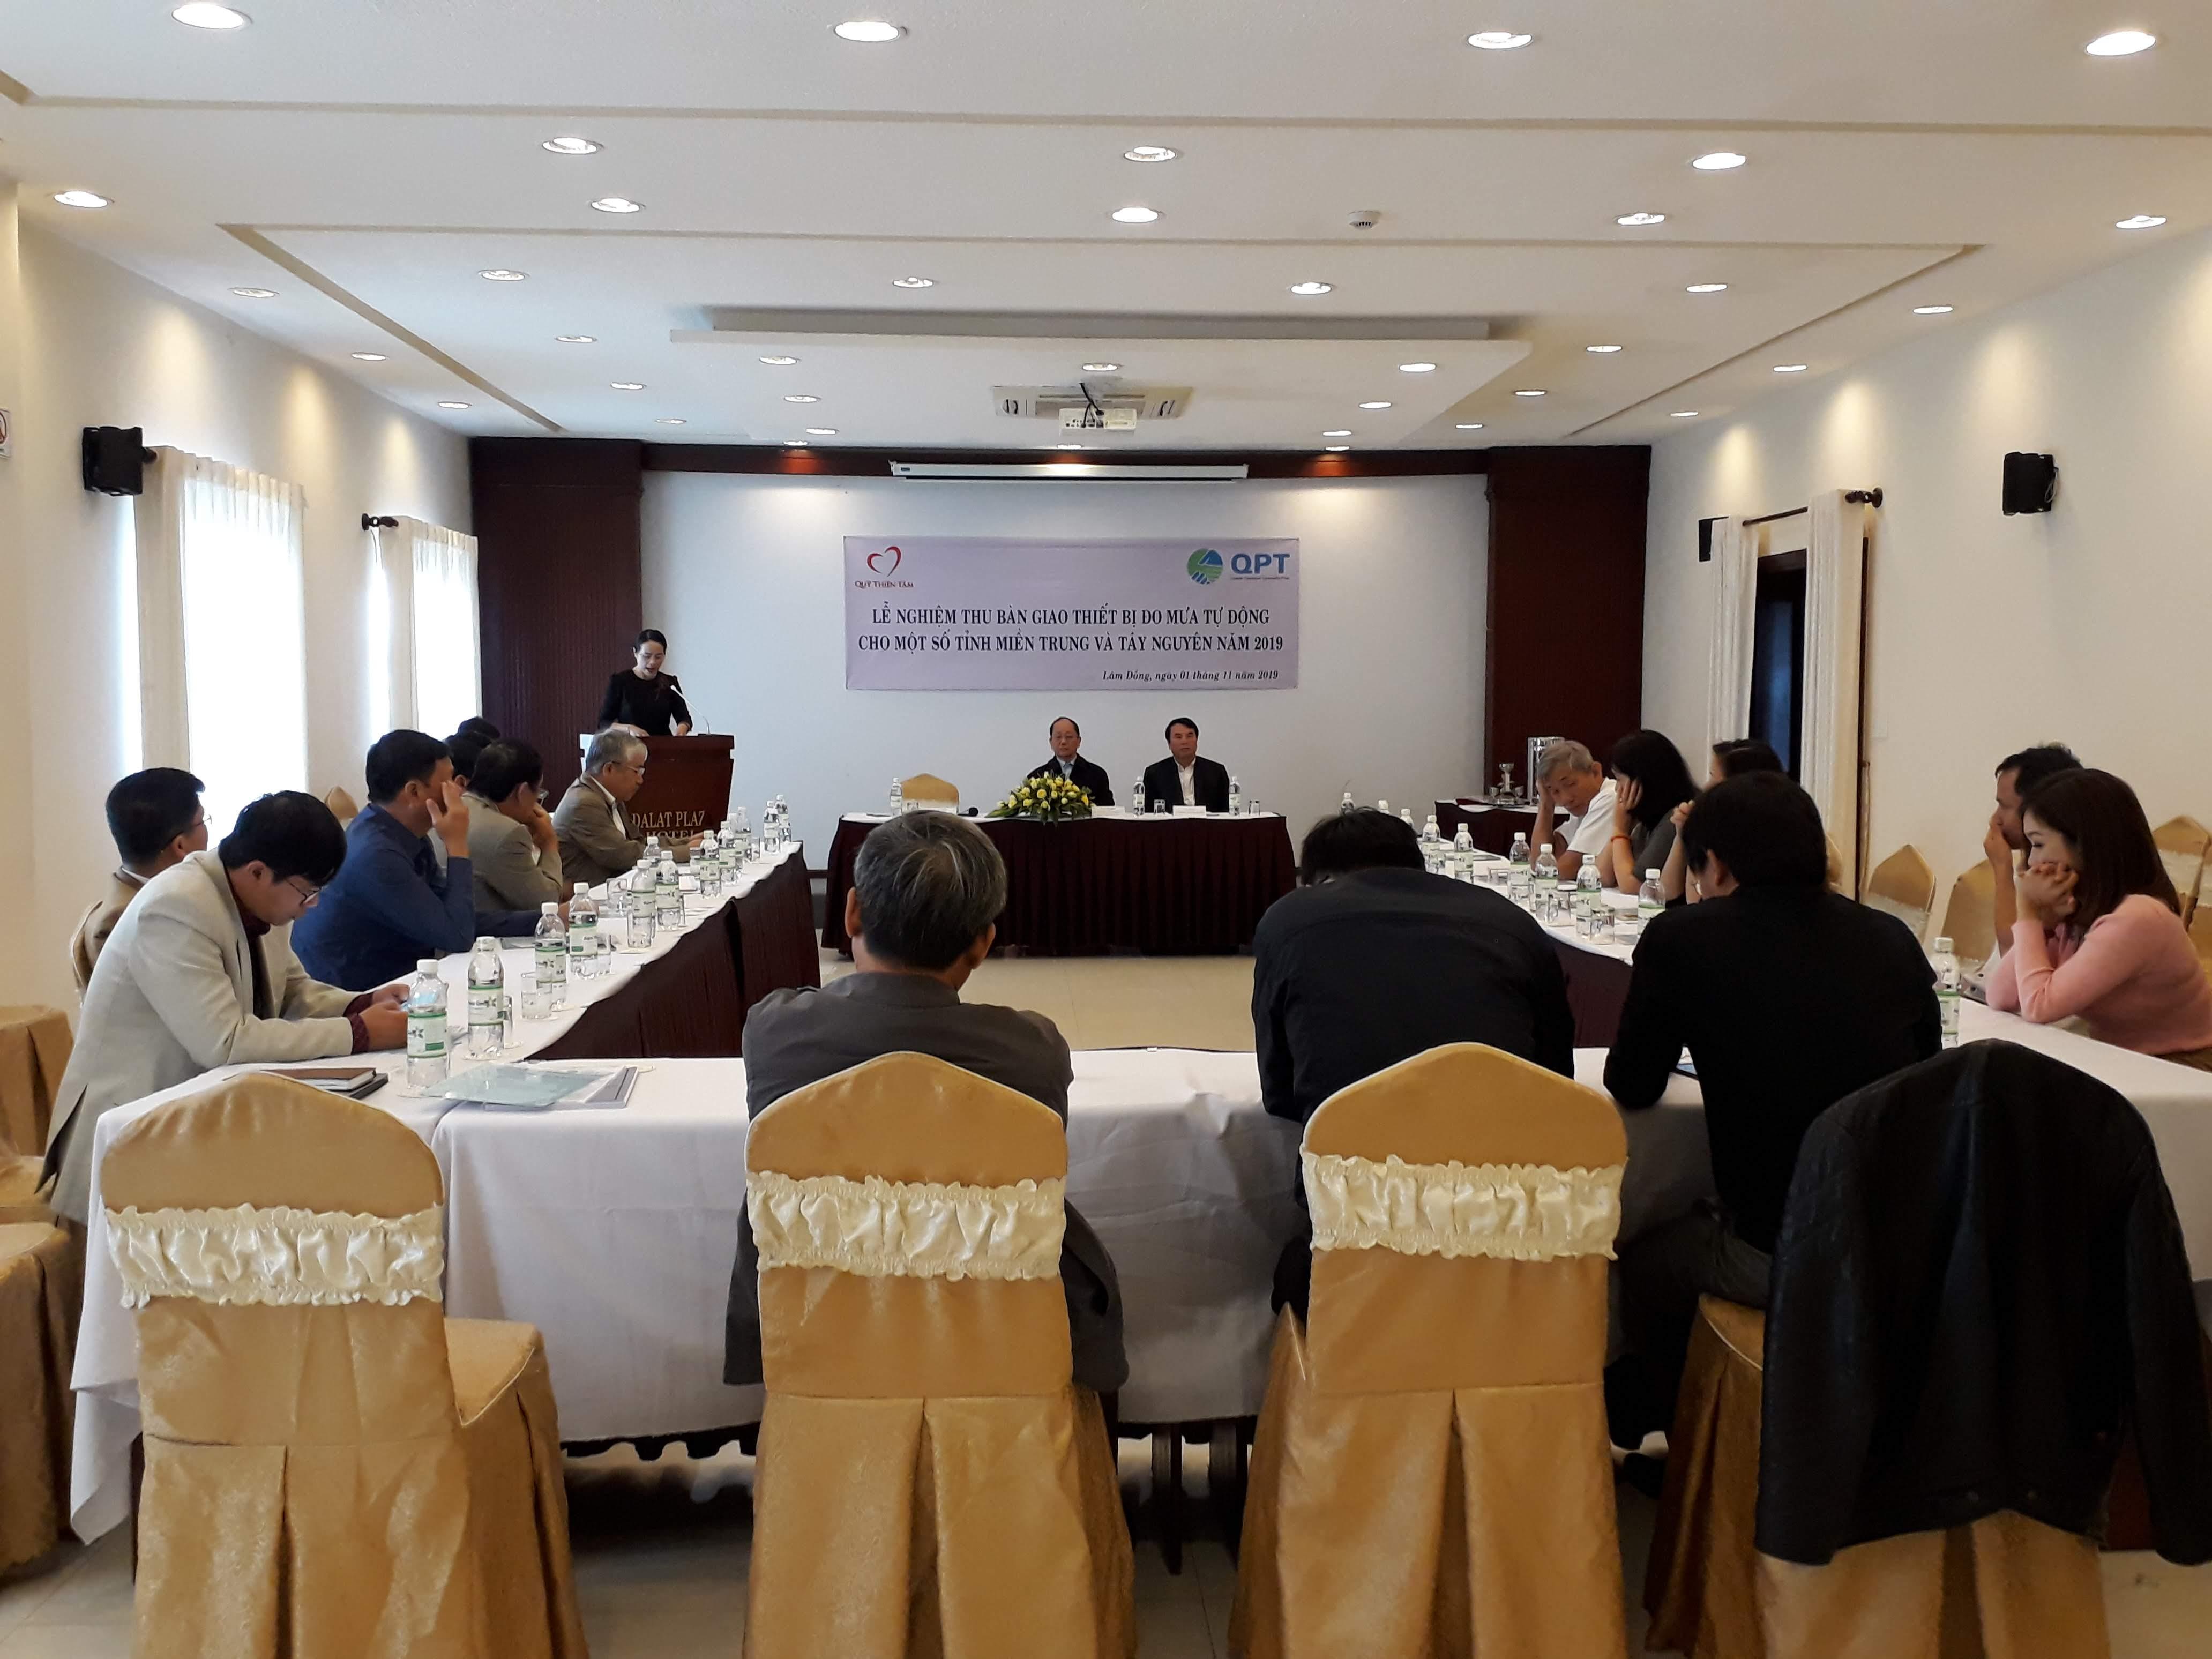 Chương trình xúc tiến vận động viện trợ phi Chính phủ nước ngoài và các dự án vừa và nhỏ của nước ngoài trên địa bàn tỉnh Đắk Nông giai đoạn 2016 – 2020